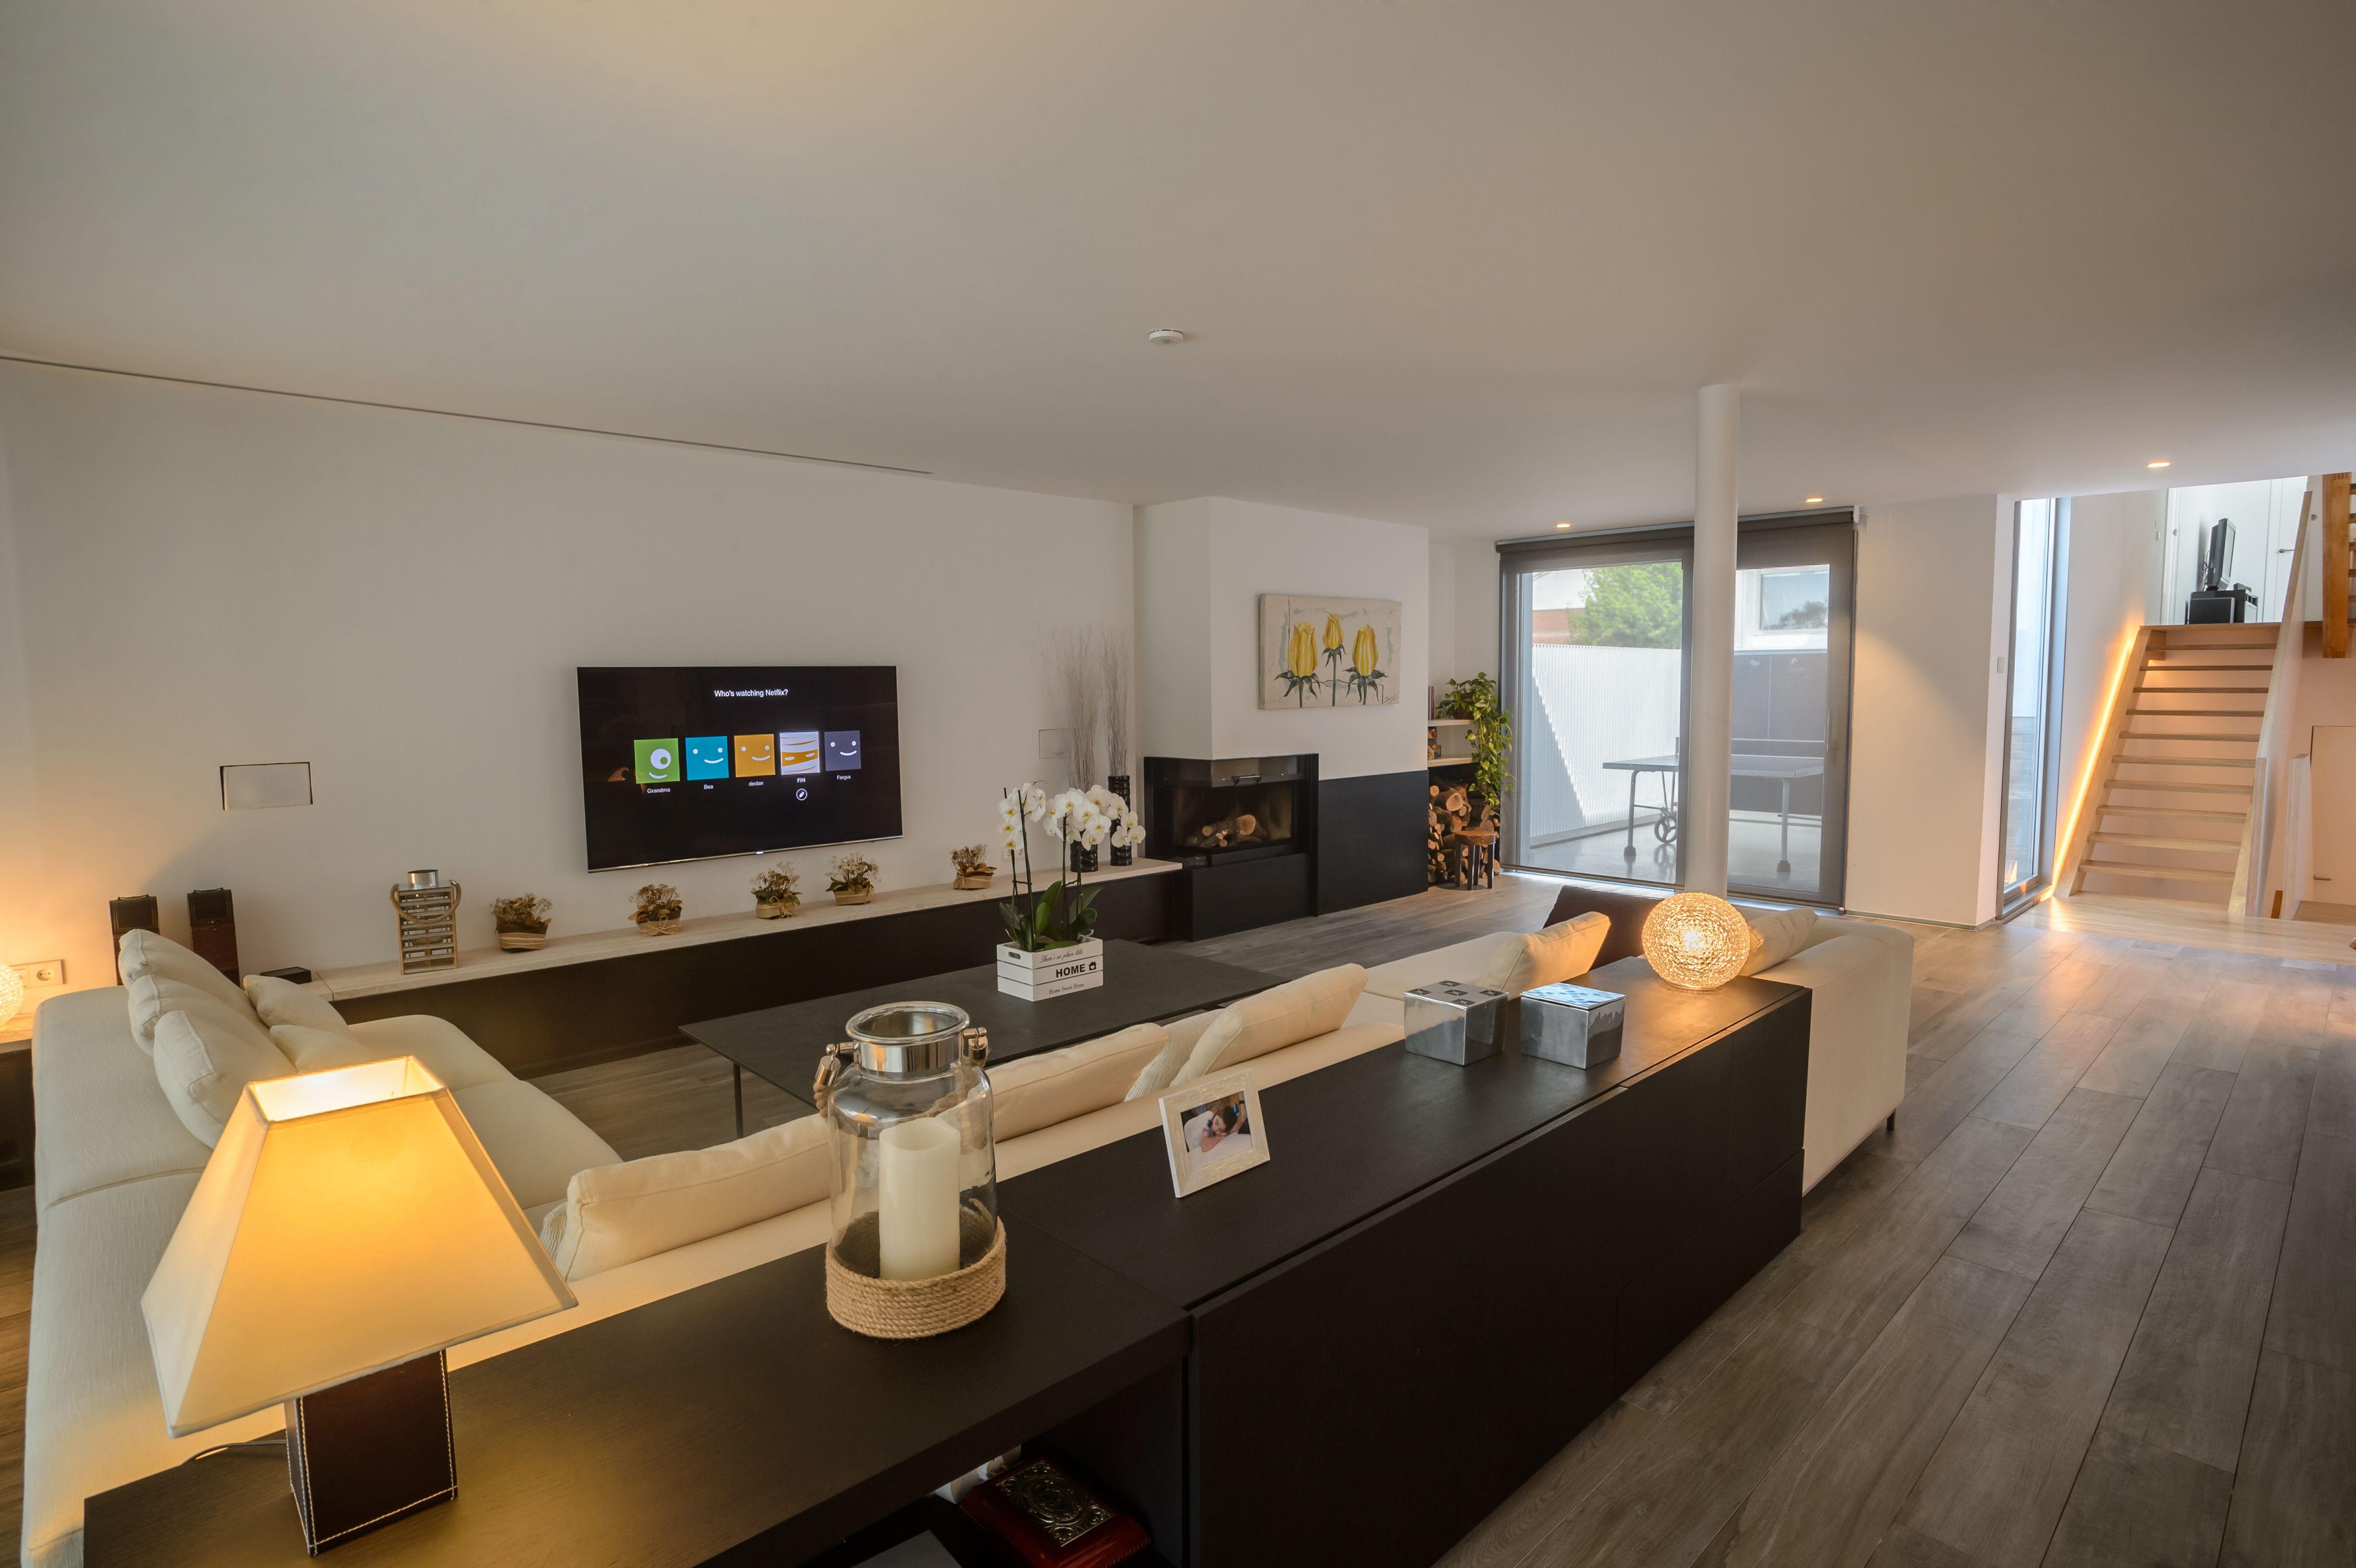 Offenes Wohnzimmer Mit Viel Platz Zum Entspannen. #loxone #smarthome # Wohnzimmer #livingroom